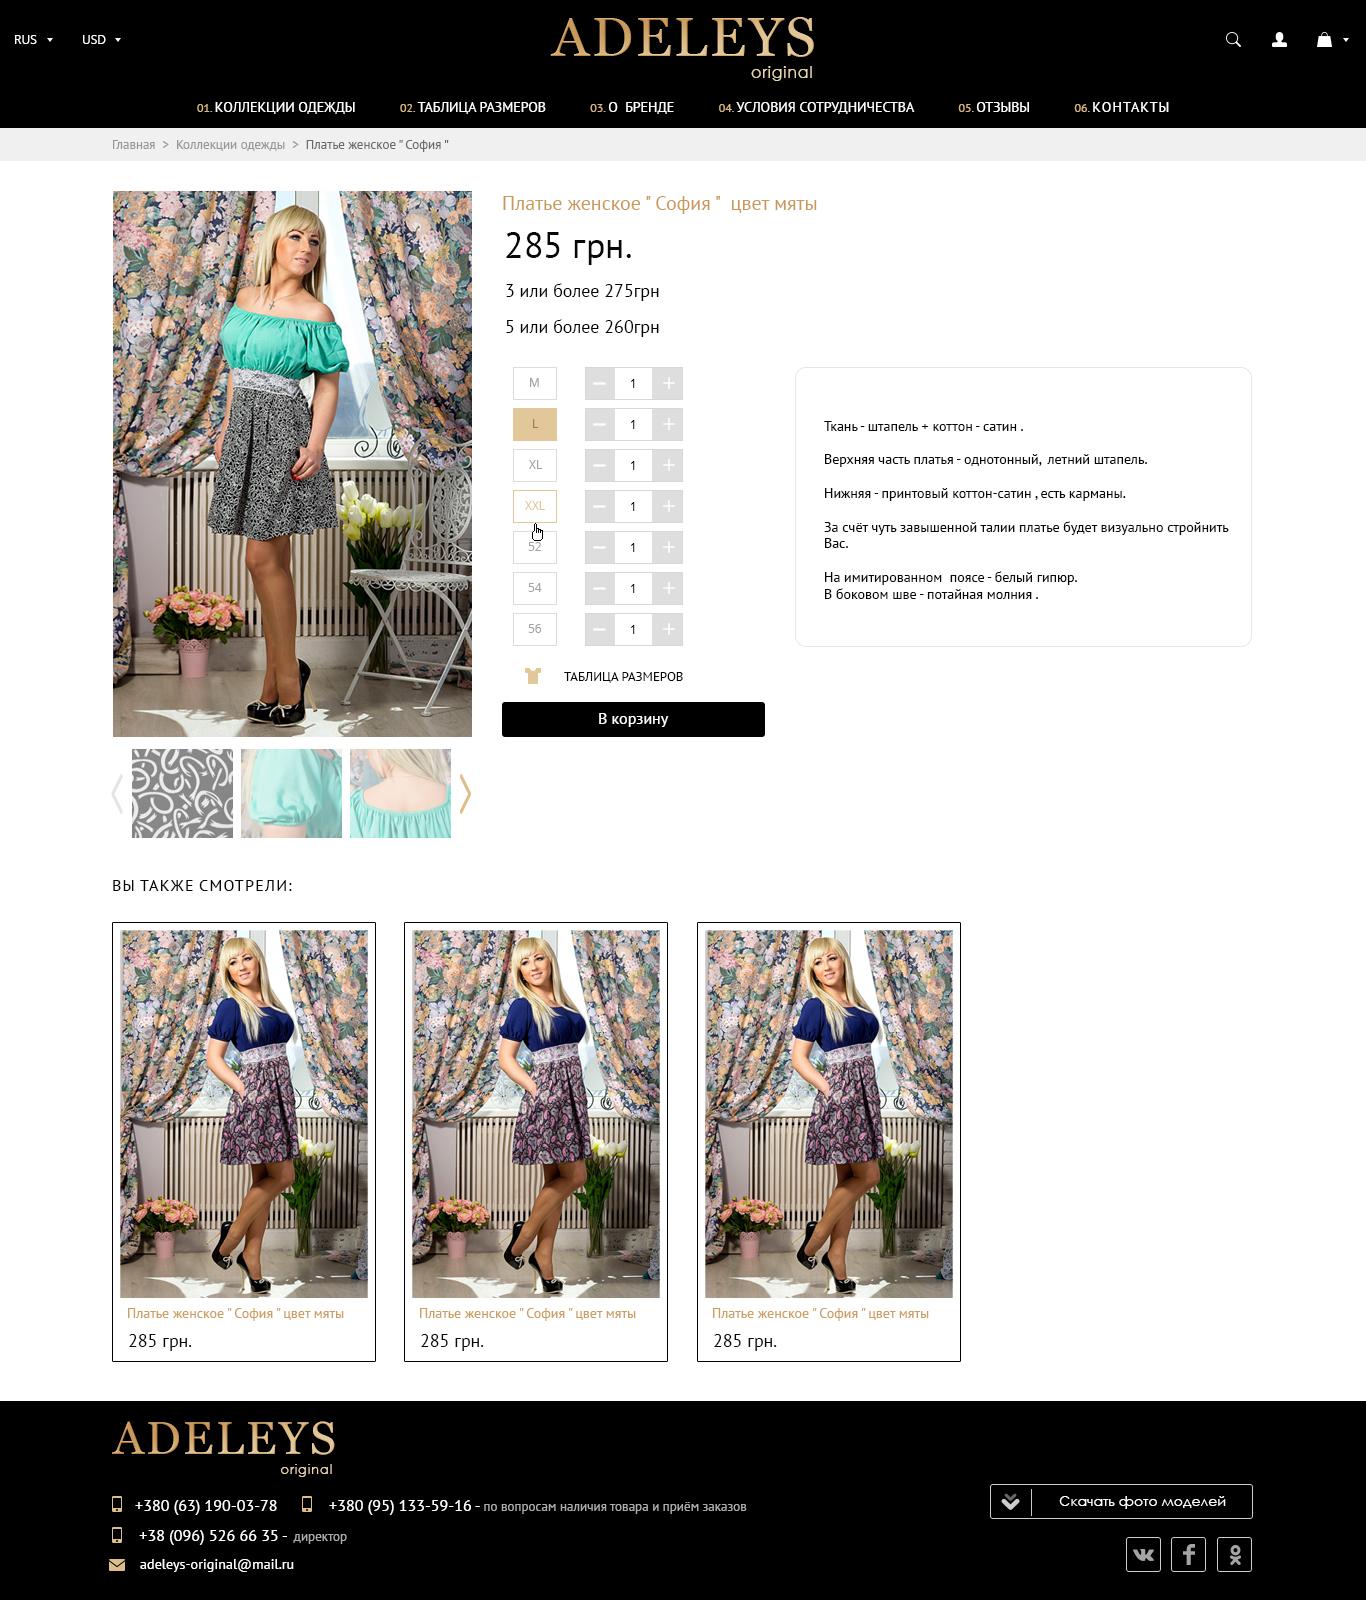 Adaleys Original